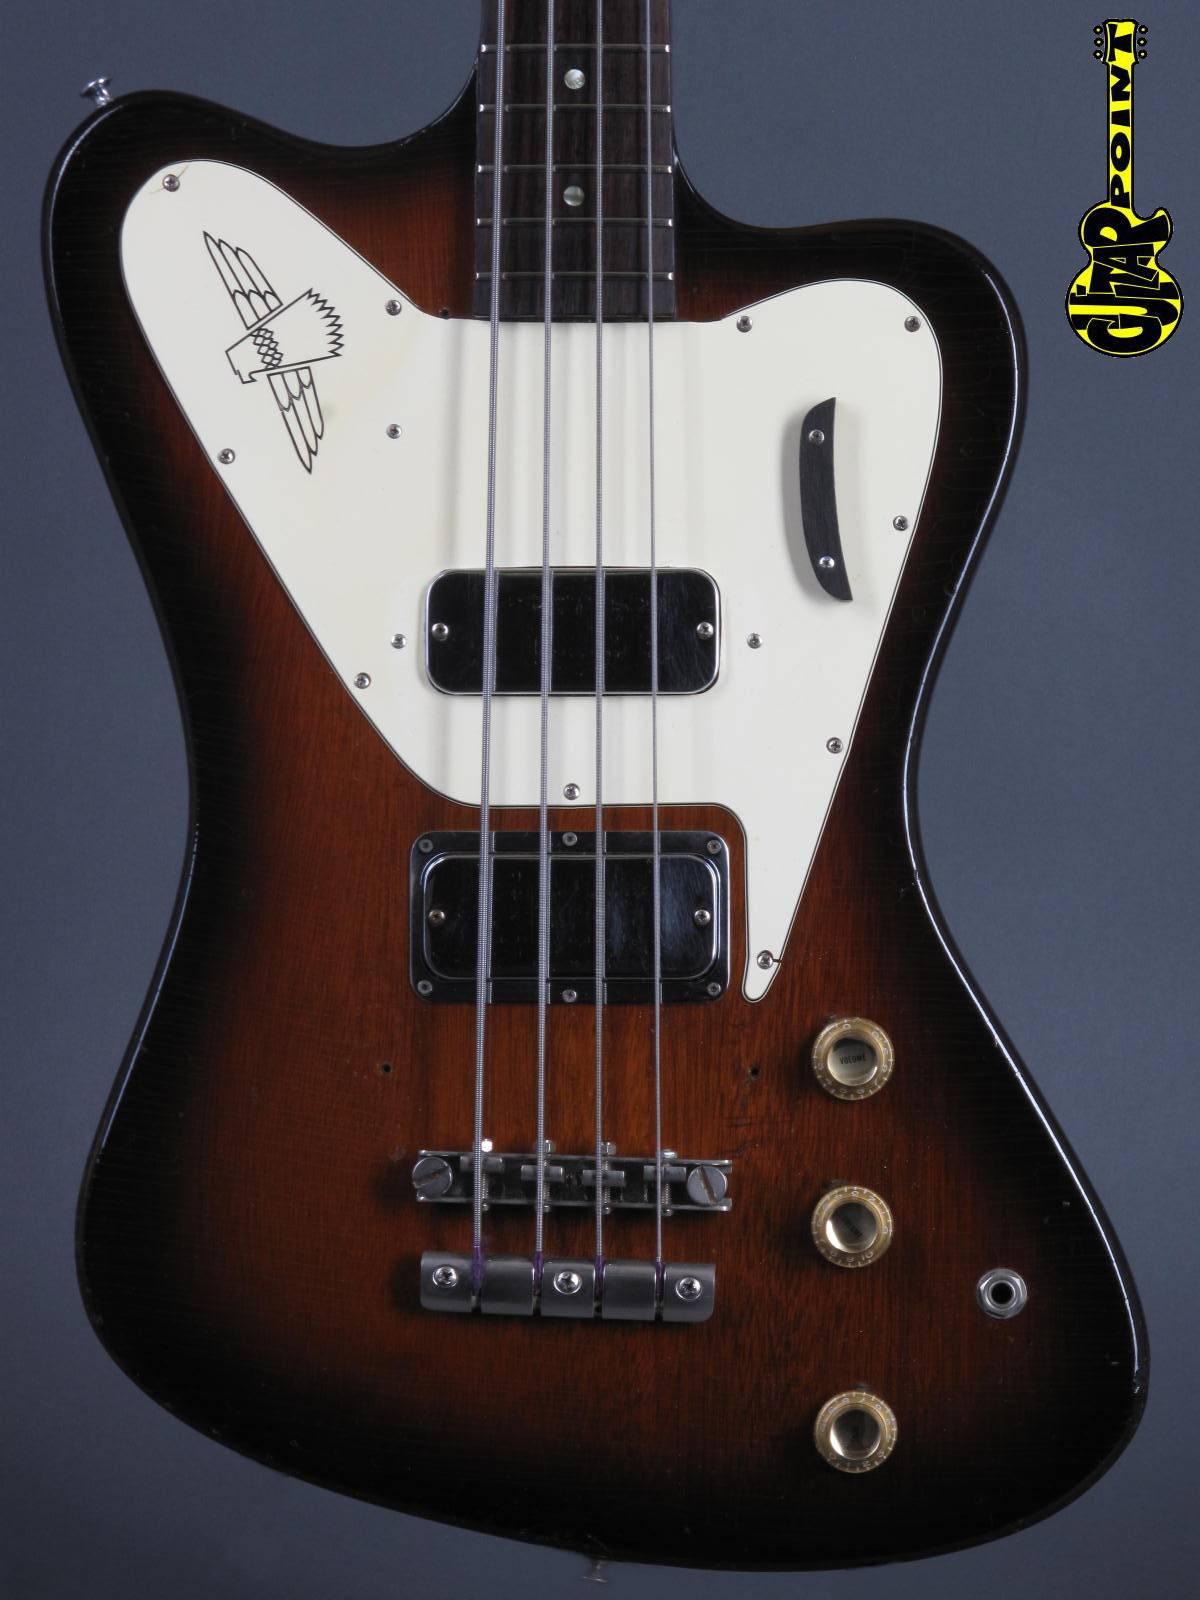 1966 Gibson Thunderbird IV Bass - Sunburst